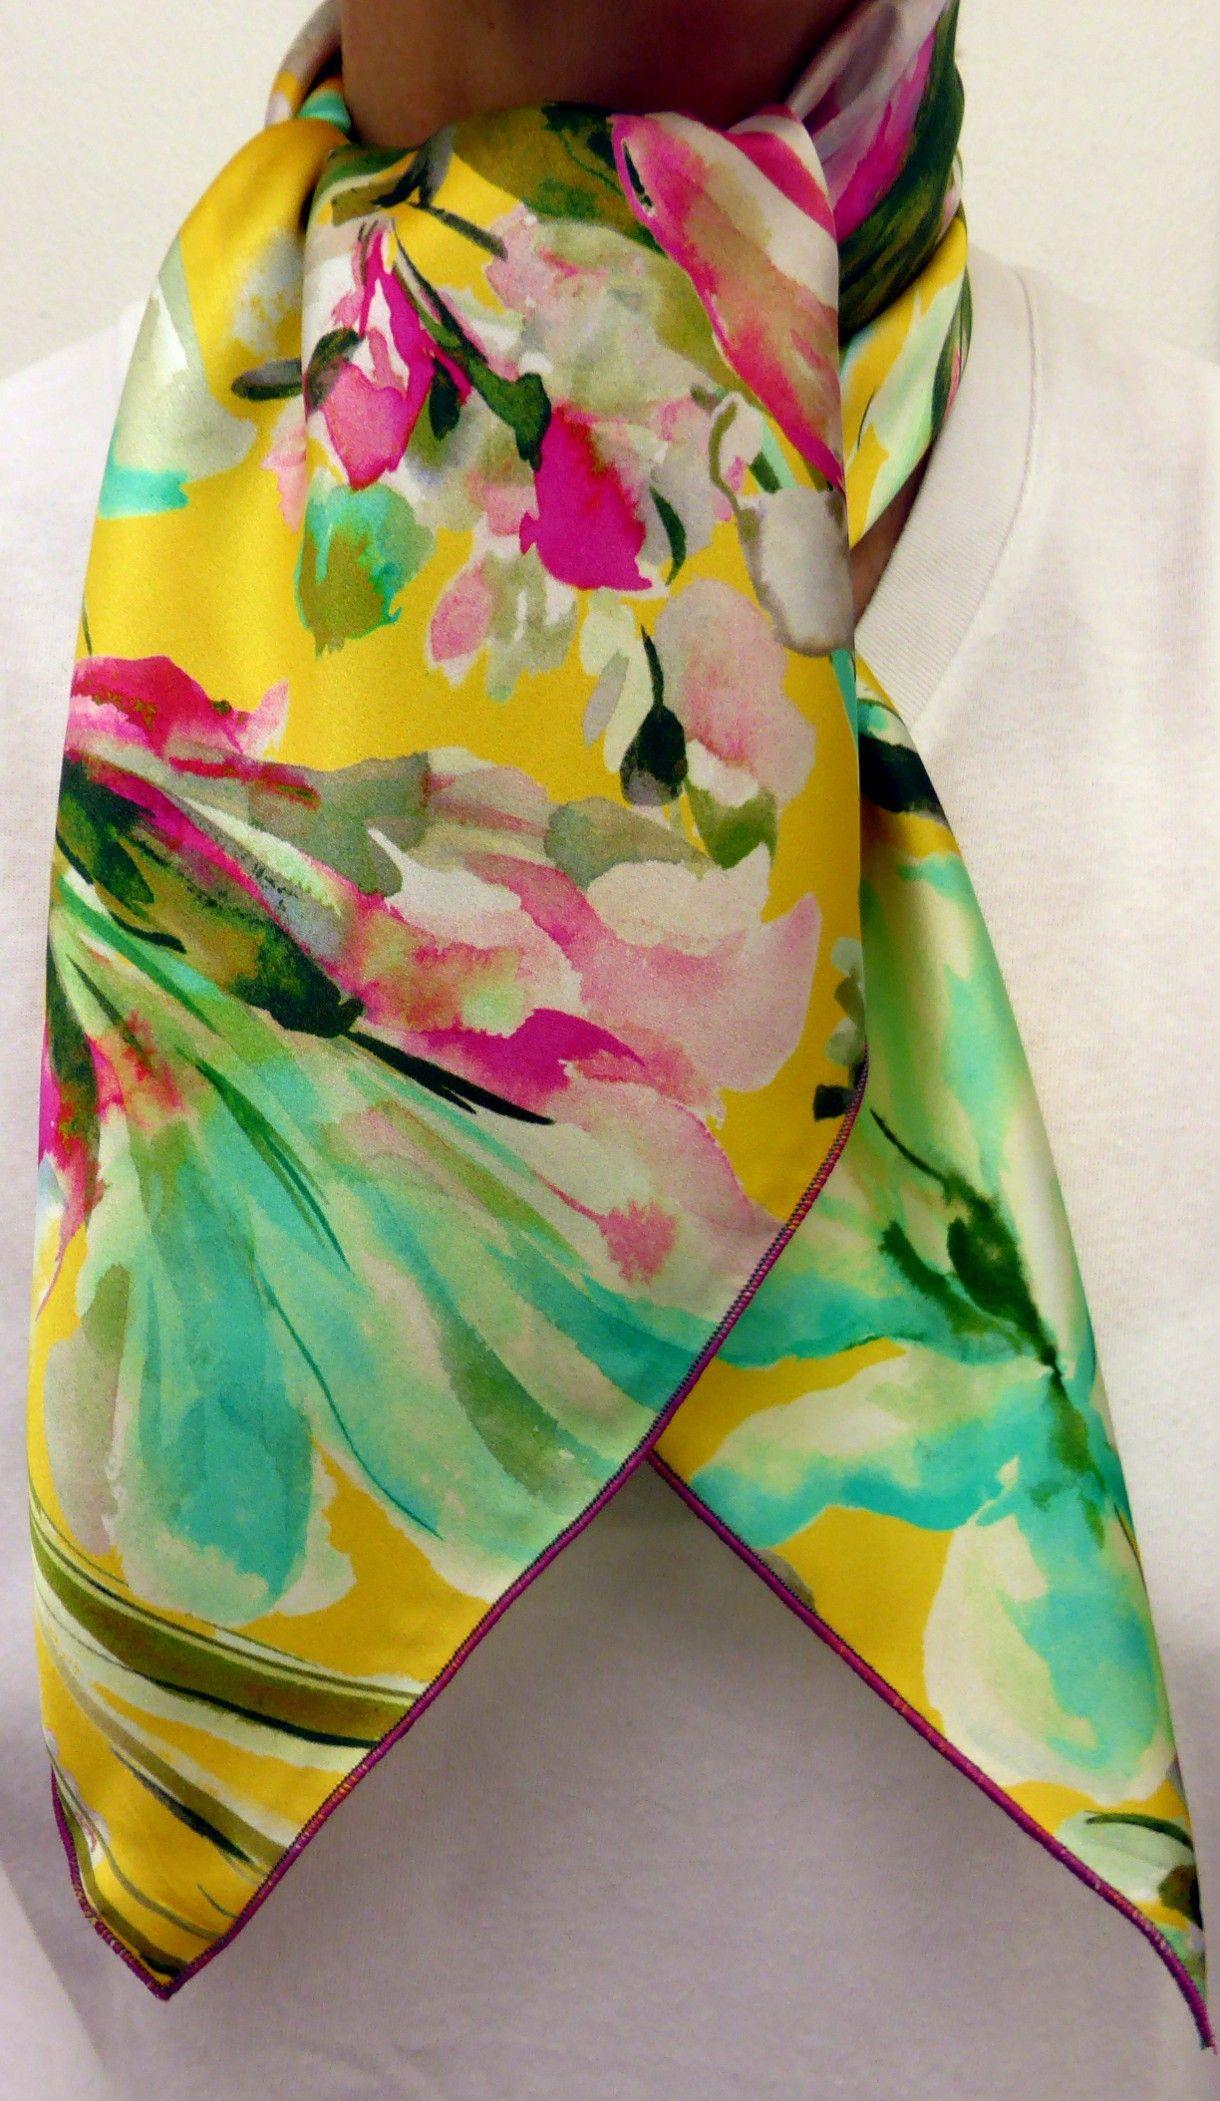 idée cadeau femme noël 2014 foulard carré de soie haut de gamme